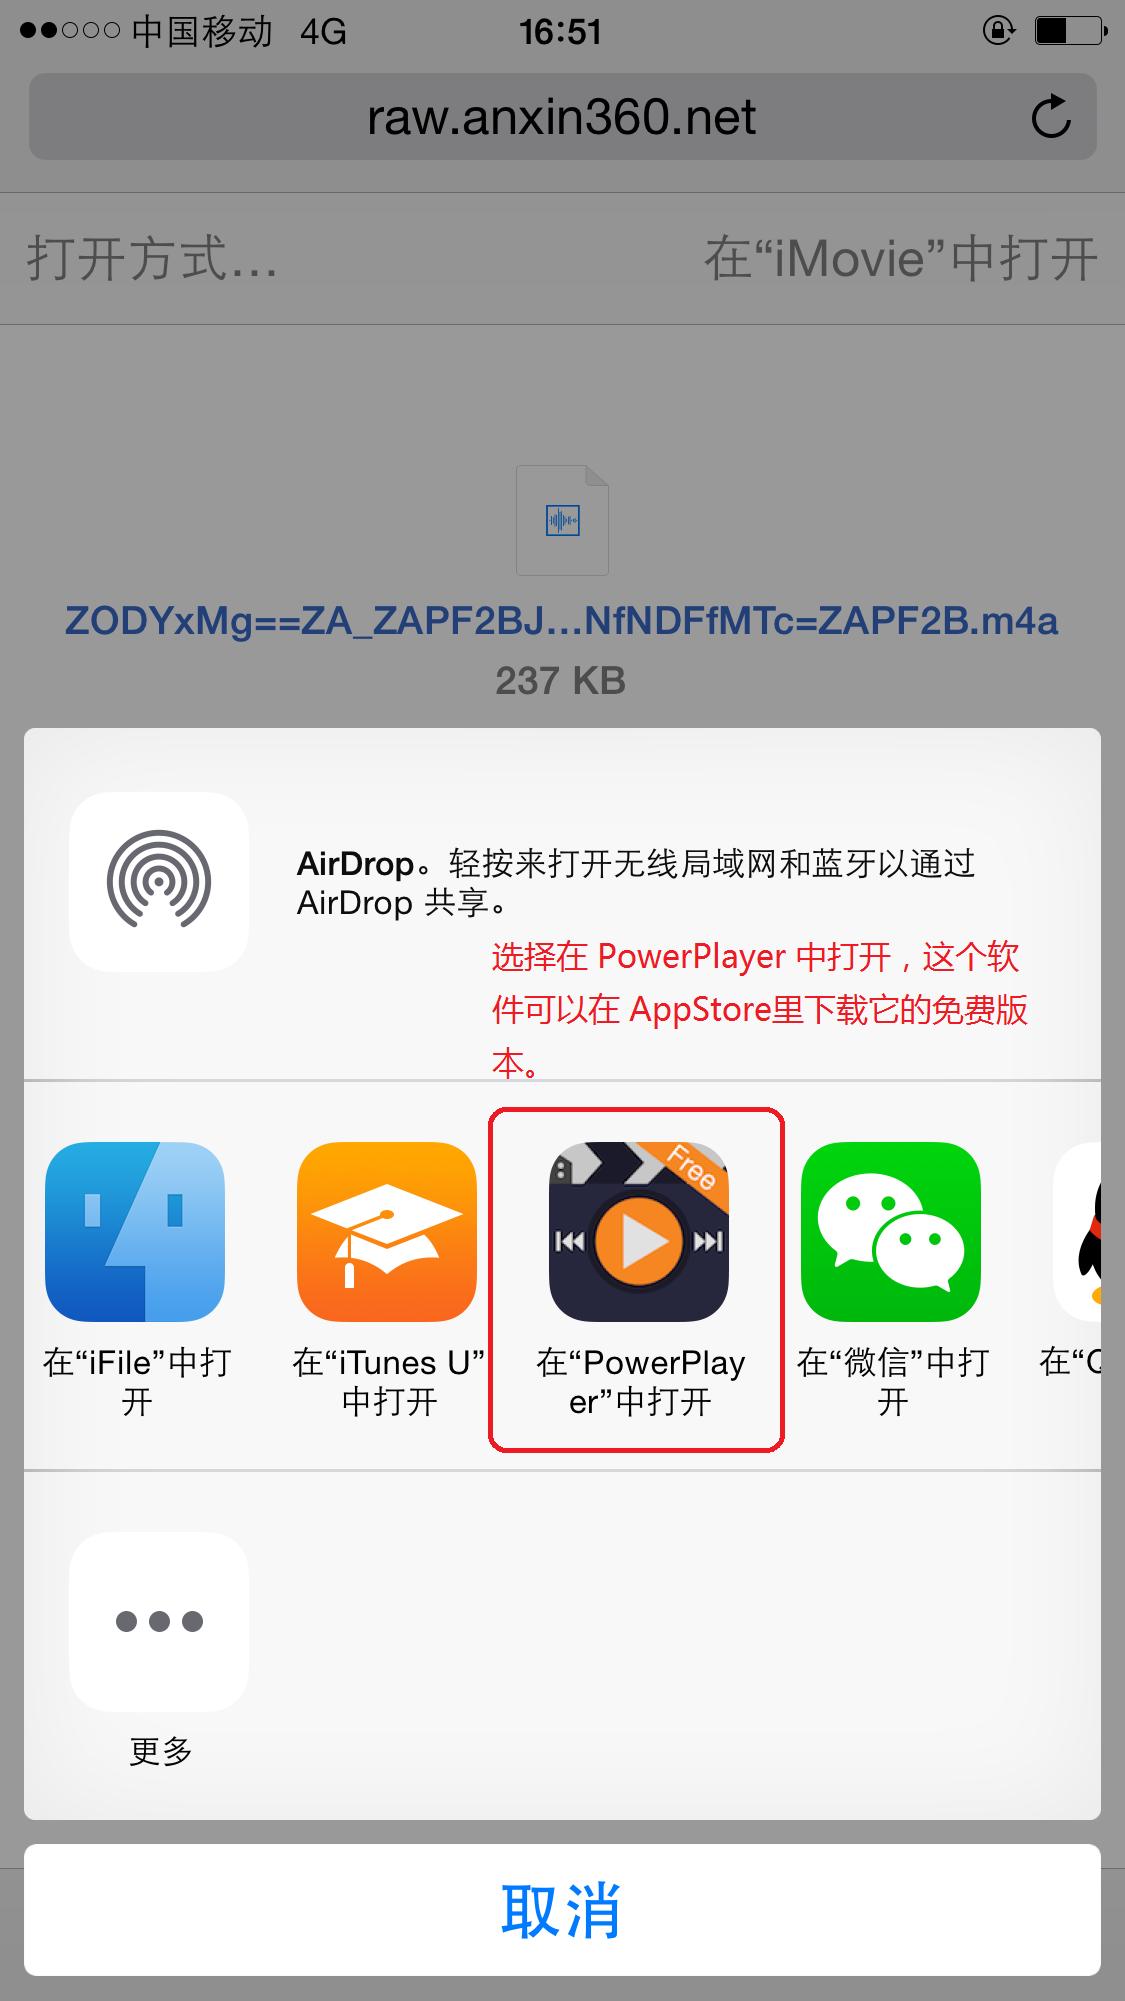 安心360手机定位软件iPhone监控录音方法